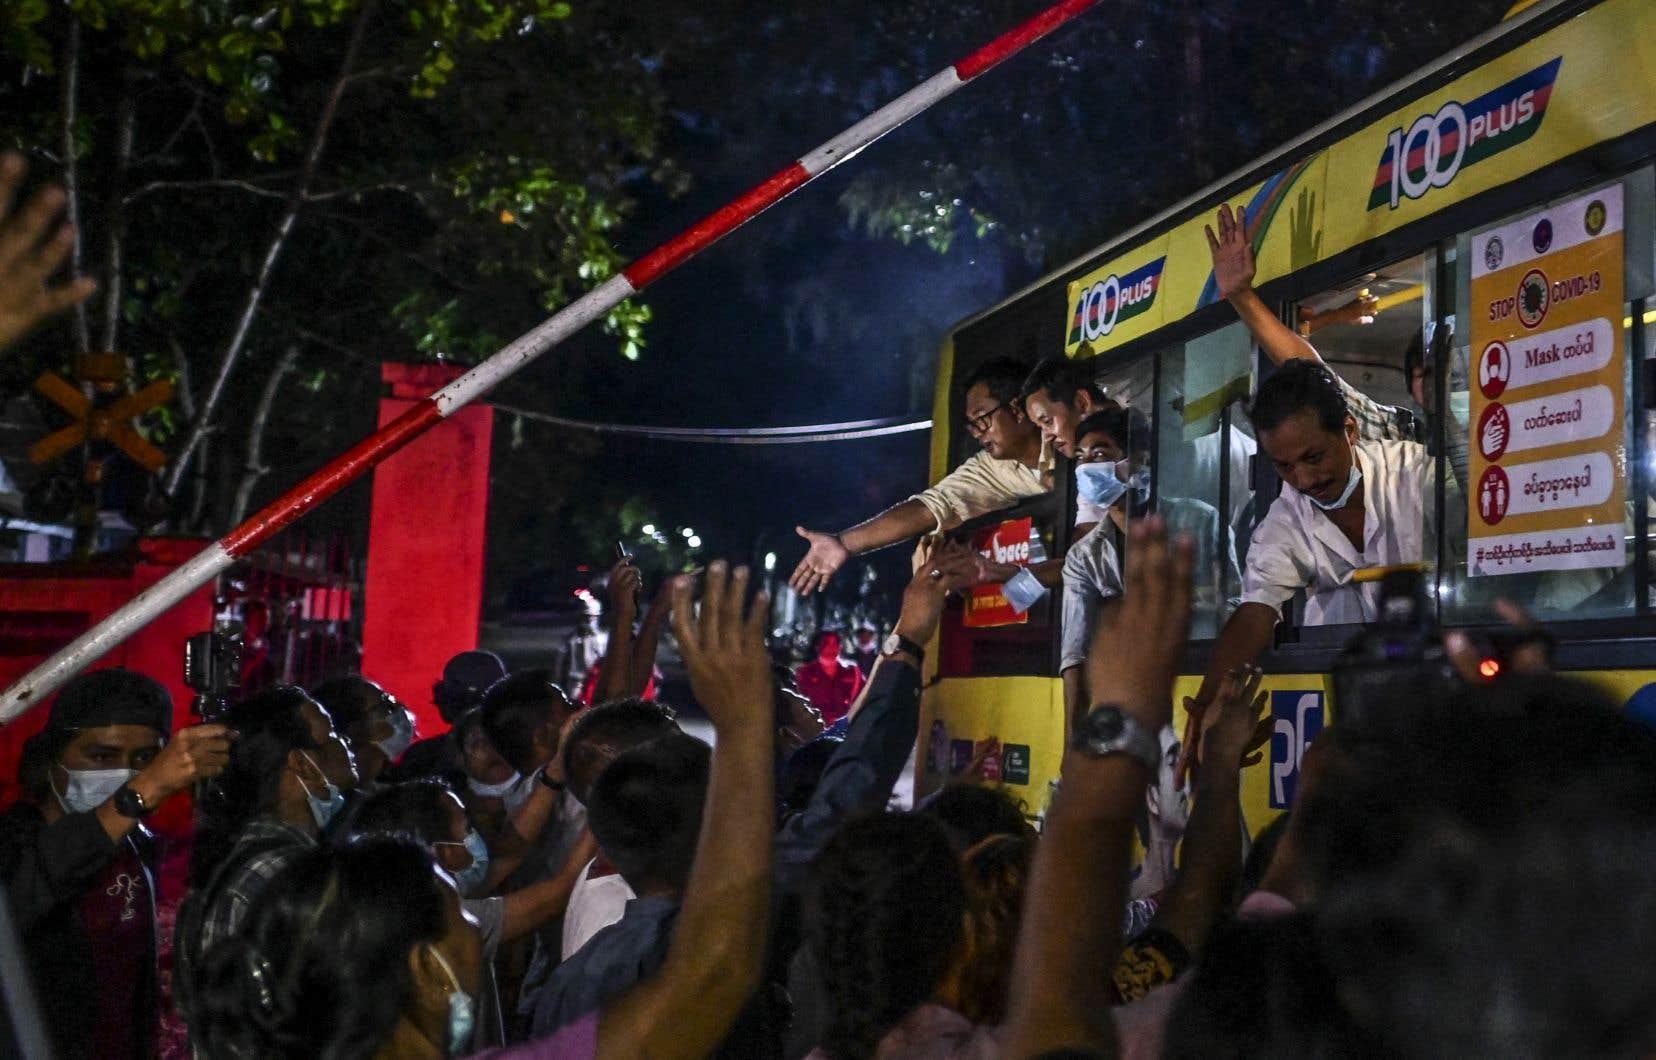 Des proches accueillent leurs proches tout juste libérés de la prison d'Insein à Yangon, le 30 juin 2021, à la suite d'une recrudescence des arrestations de manifestants depuis le coup d'État militaire de février.